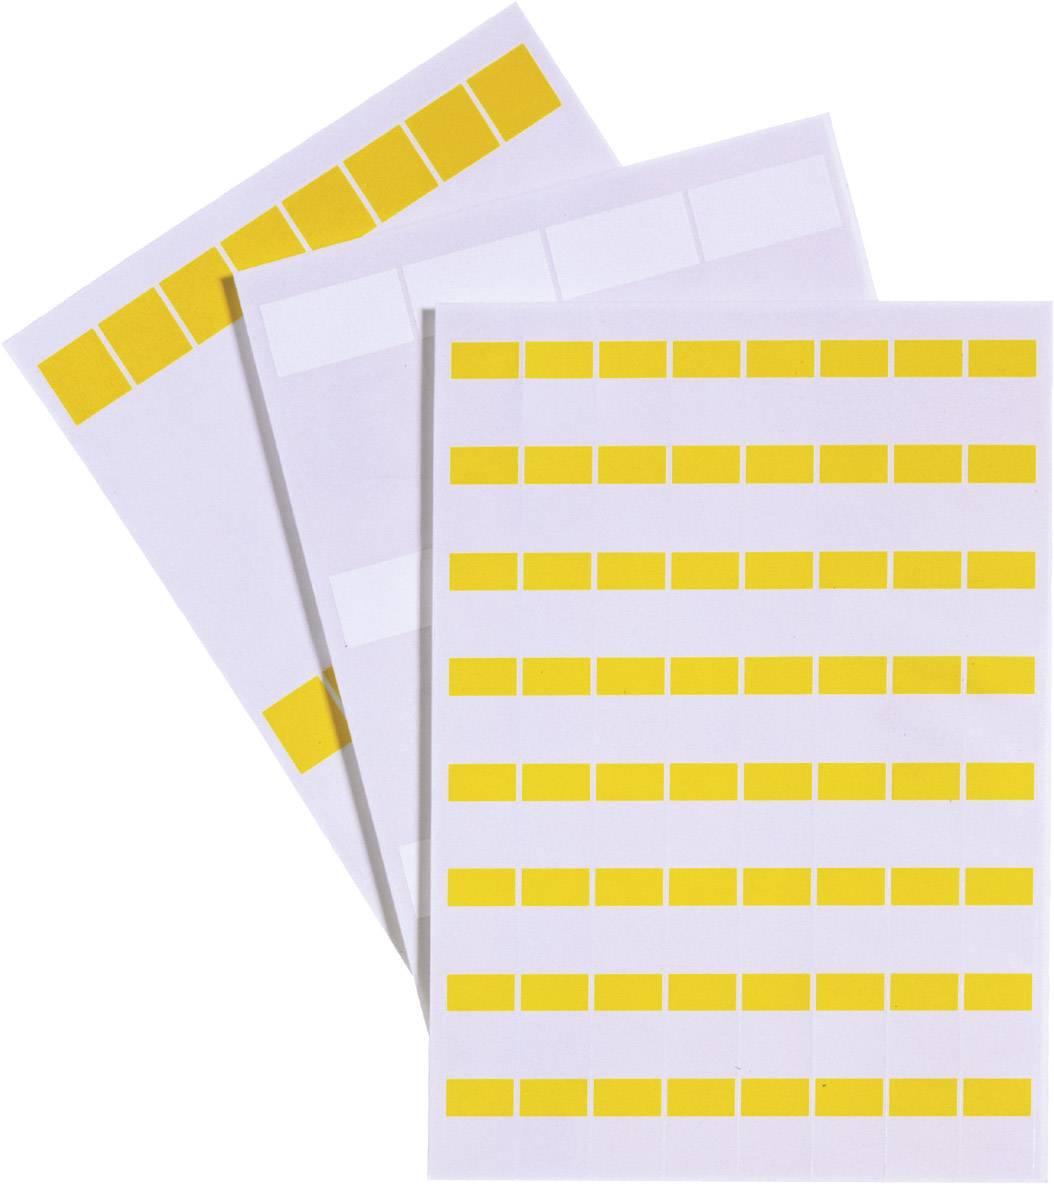 Etikety LappKabel LCK-45 YE (83256148), žlutá